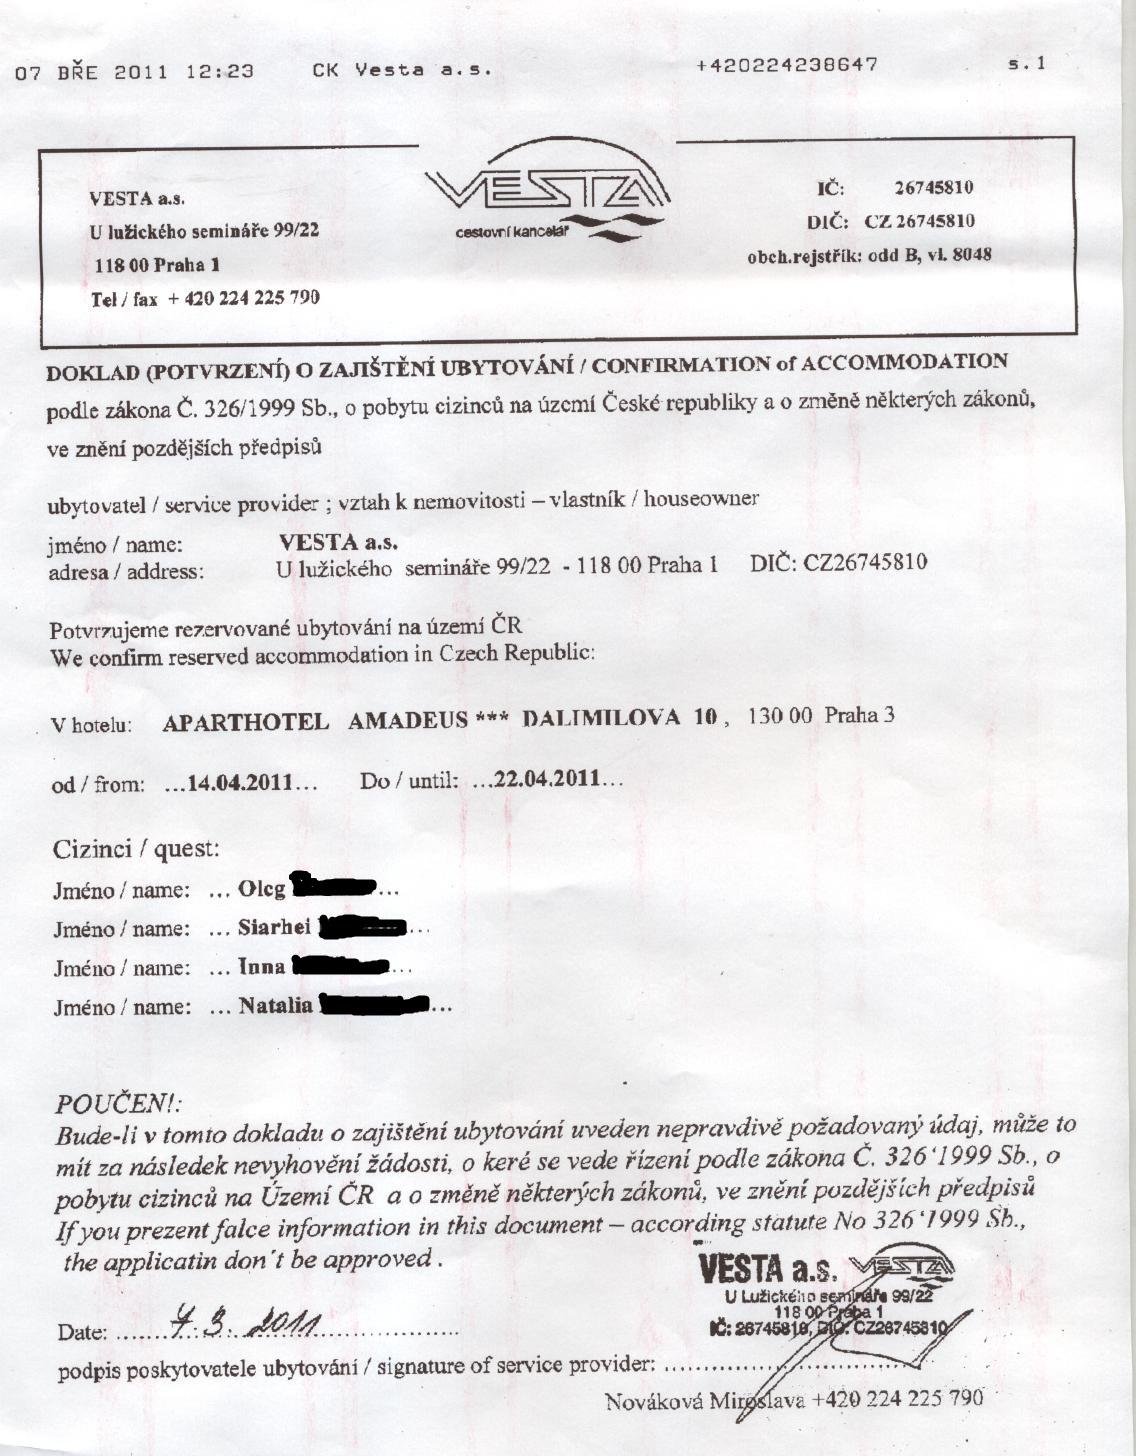 Бланк таможенного приходного ордера